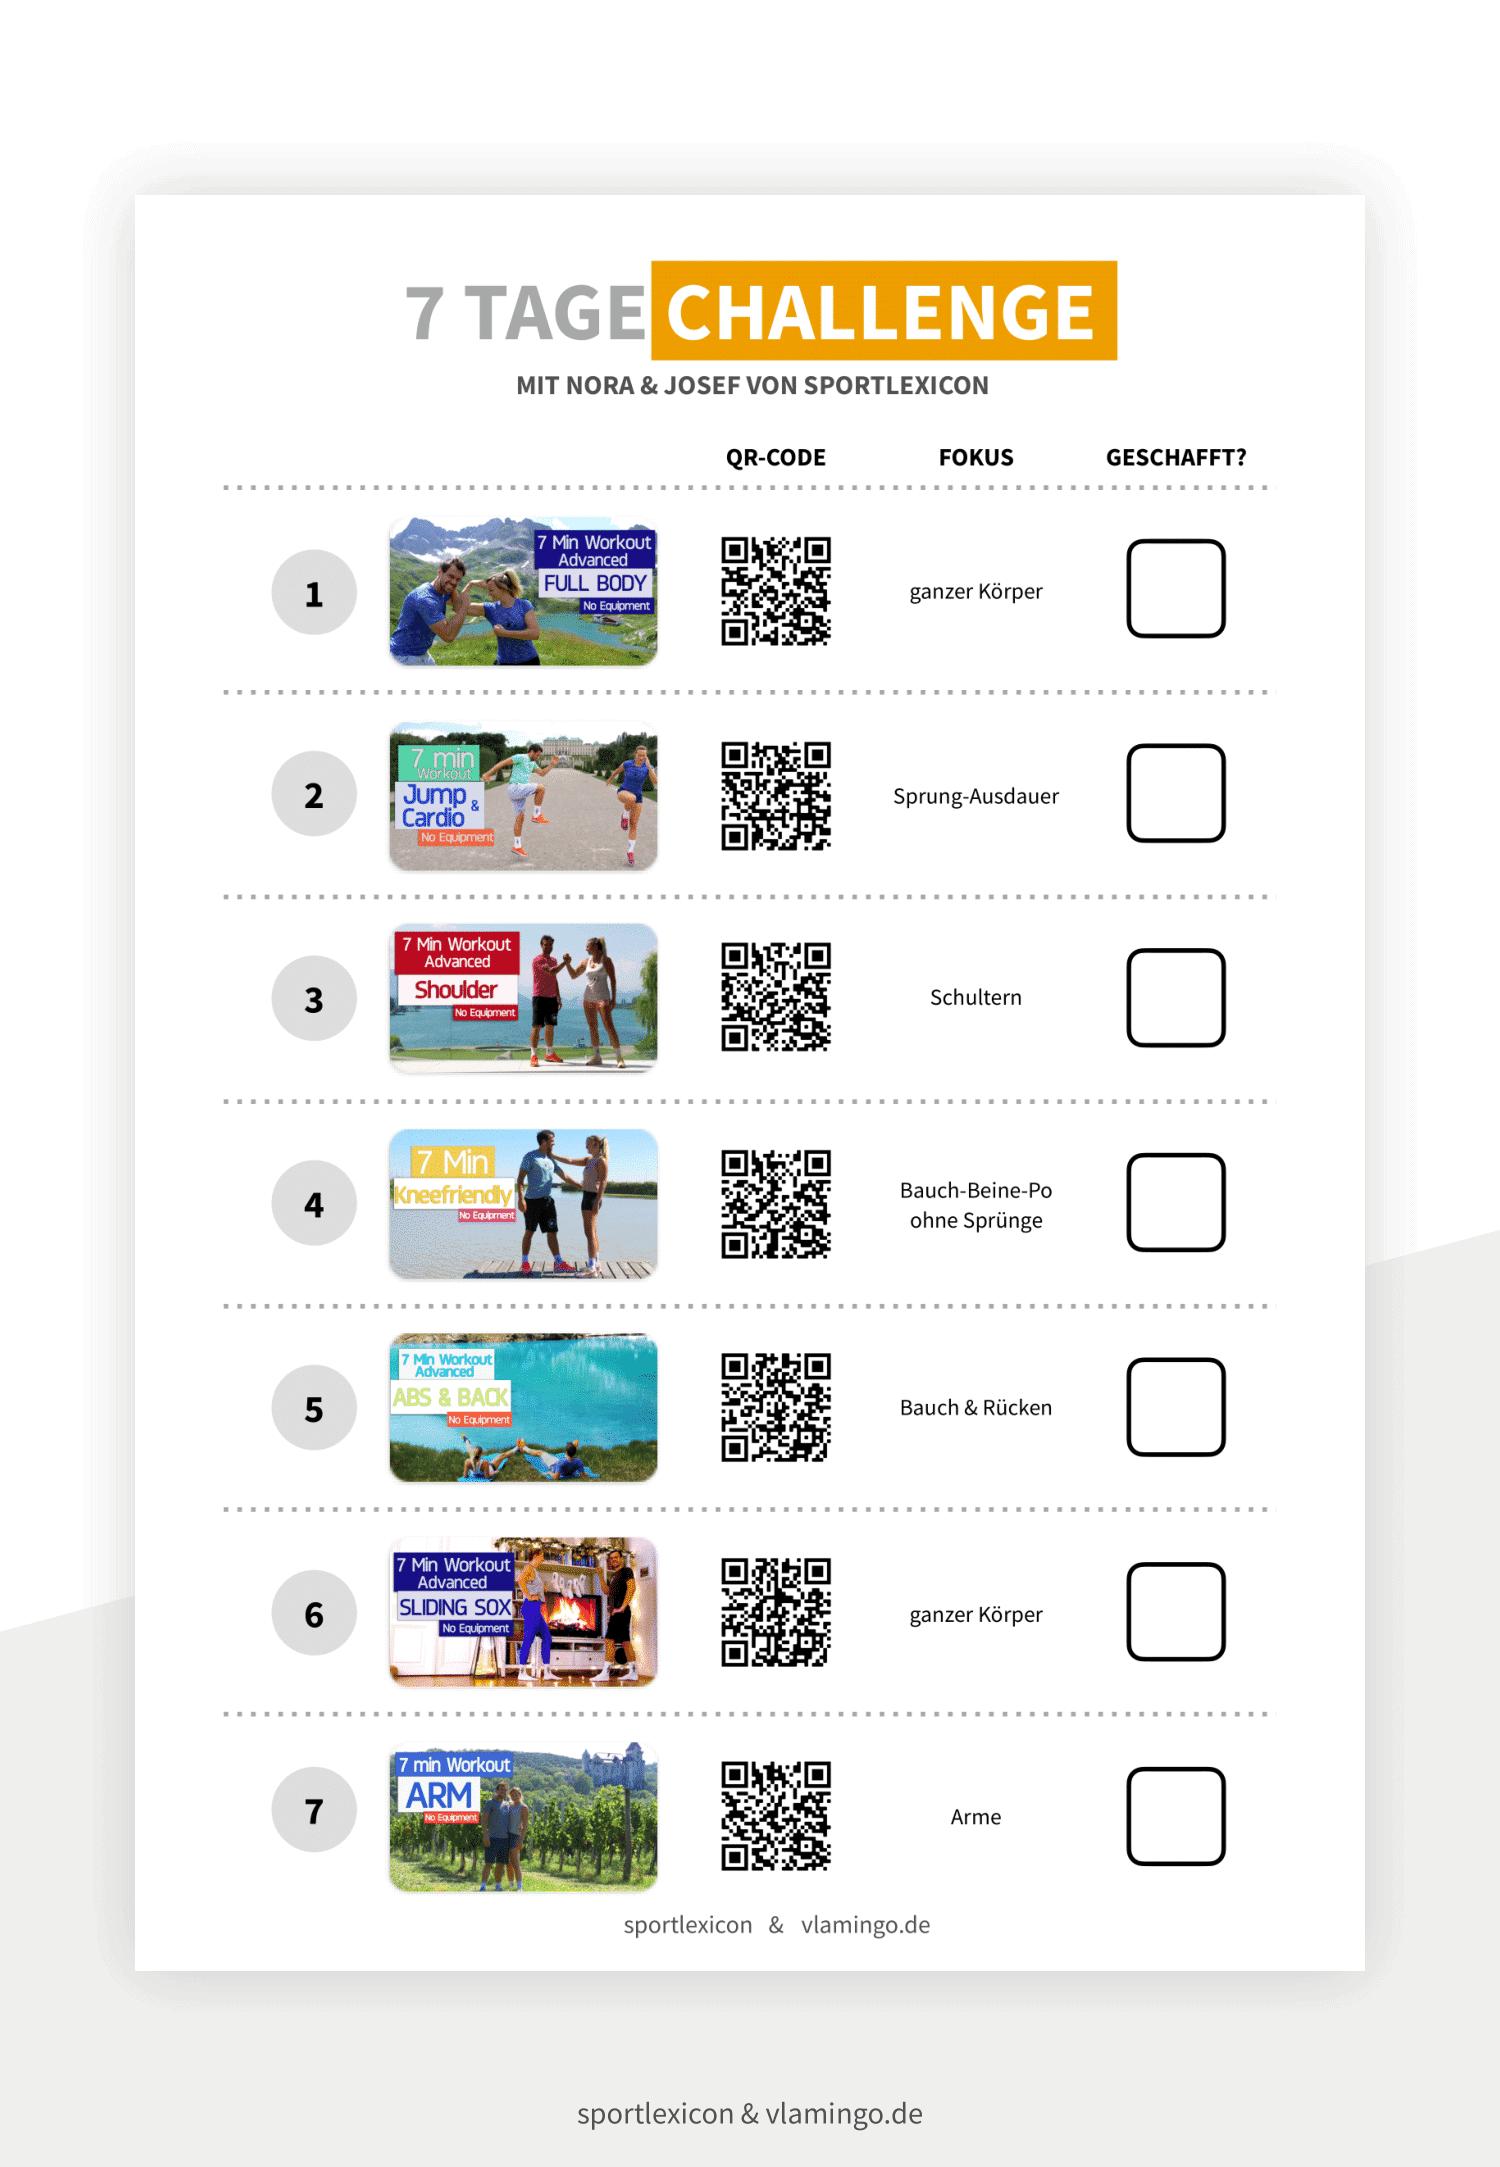 7 Tage Workout-Challenge - Vorschaubild 3